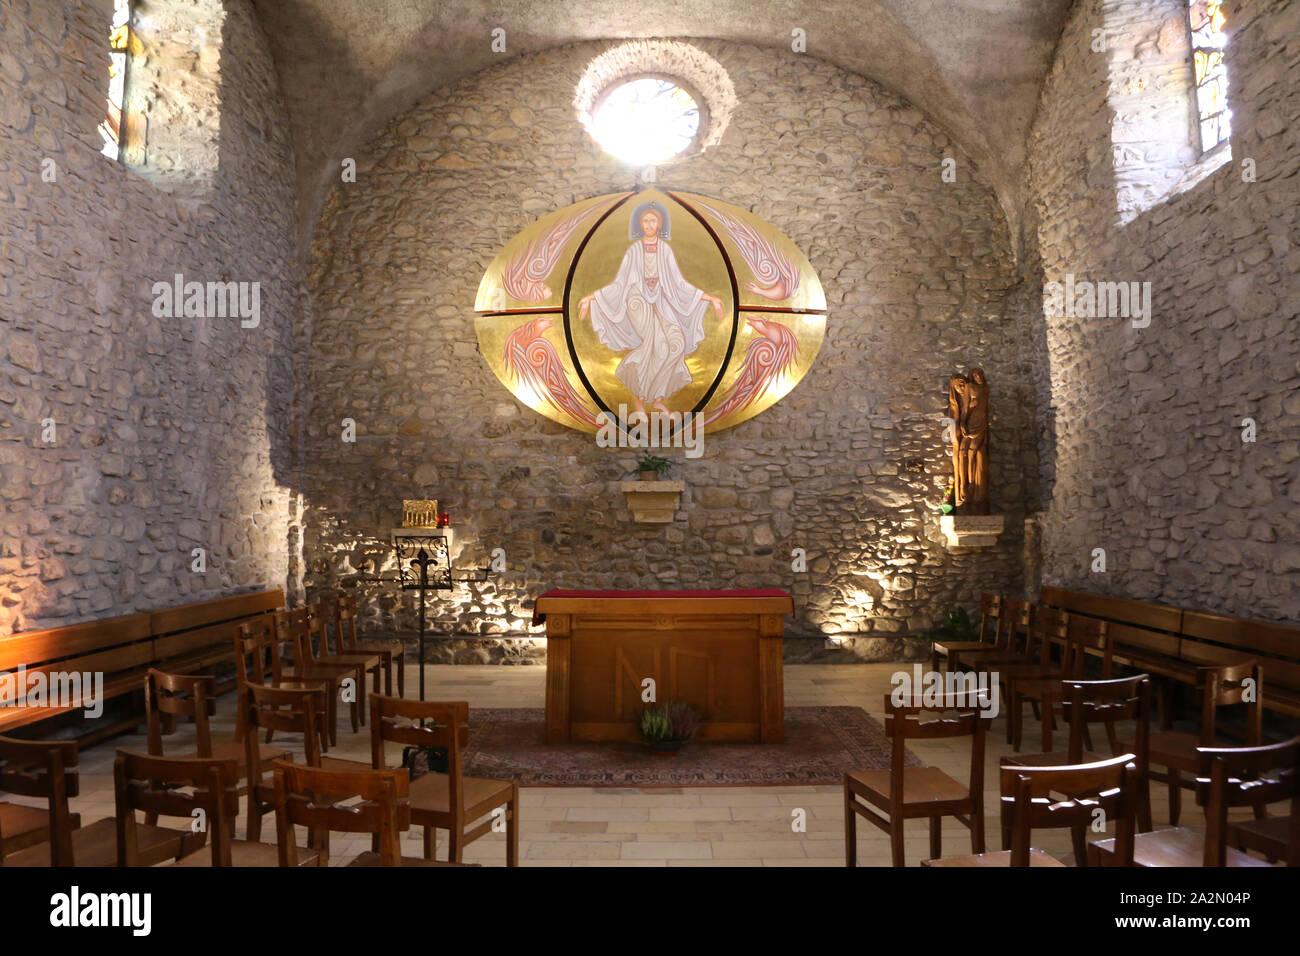 Chapelle Sainte-Anne dite chapelle des pénitents XVI - XVIII ème siècle. Megève. Haute-Savoie. France. / Chapel Sainte-Anne known as chapel of peniten Stock Photo